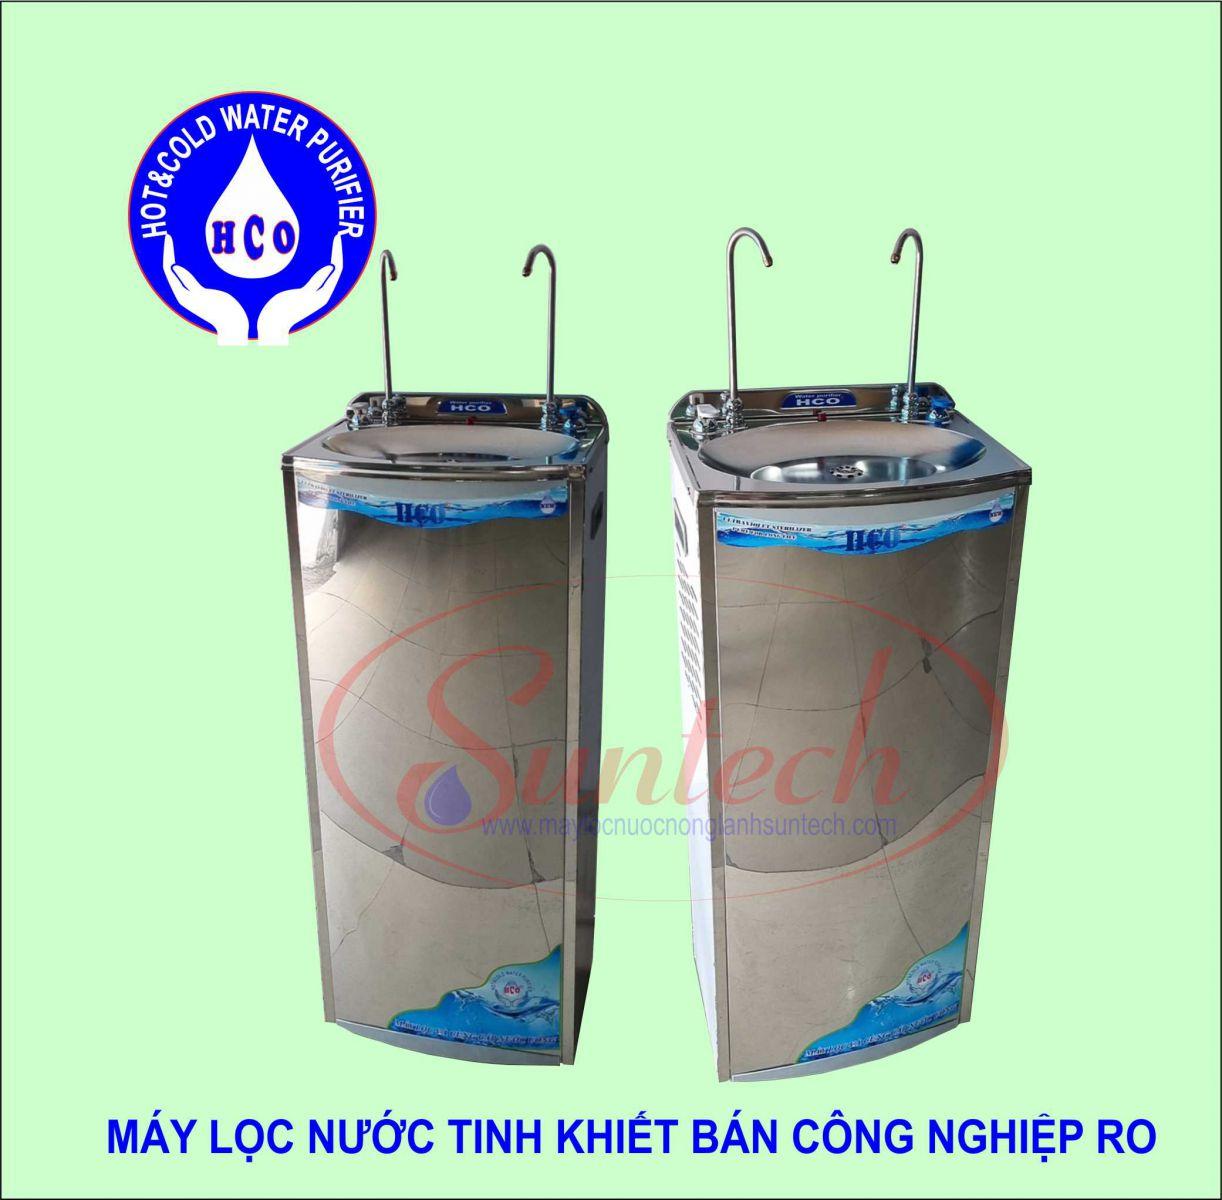 may-loc-nuoc-nao-dung-cho-ban-cong-nghiep